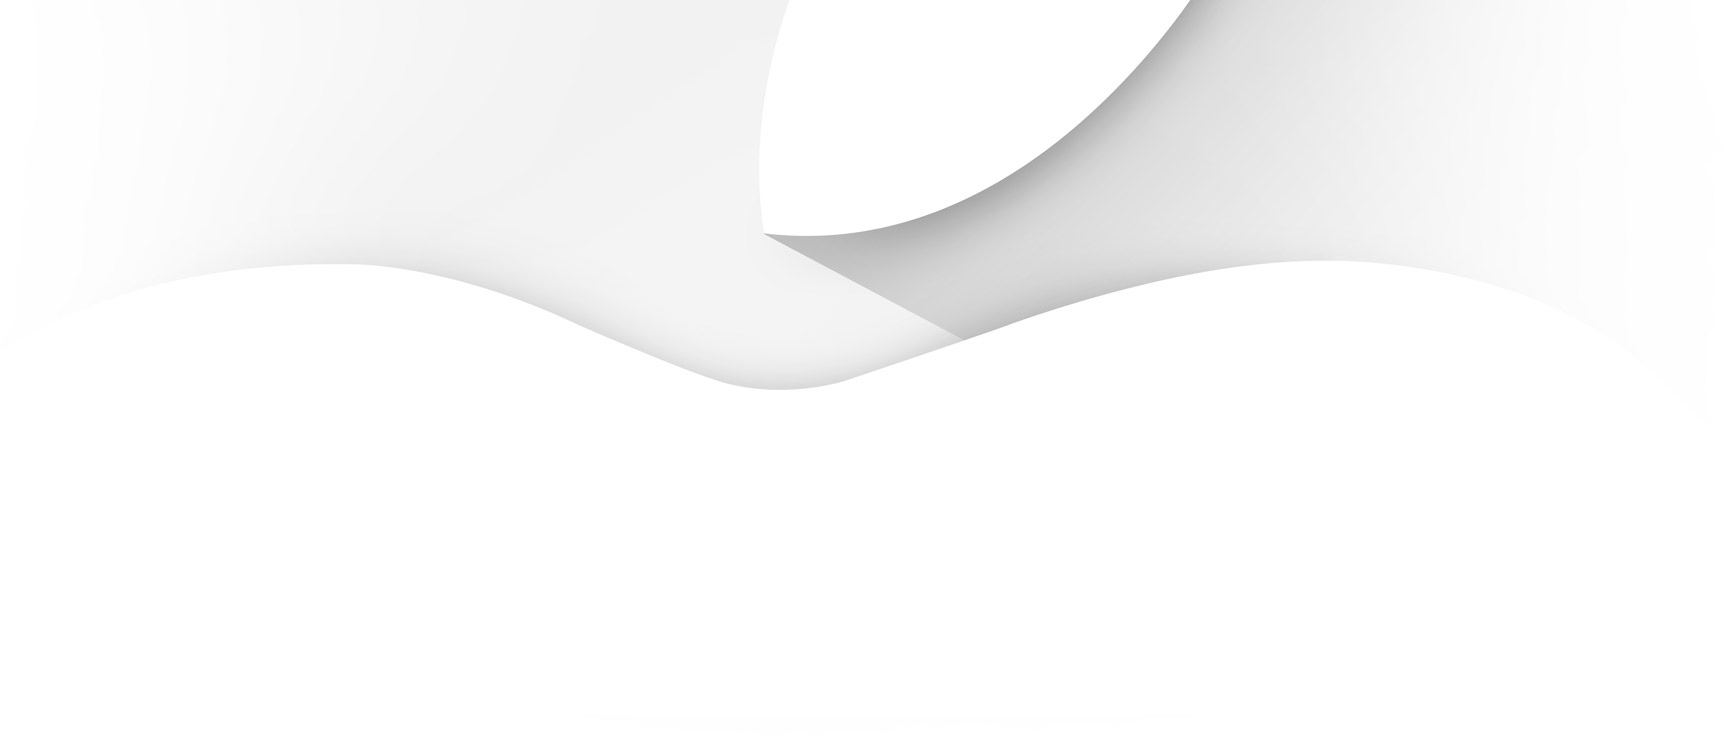 Maçã (logo Apple) cortado no convite do evento para o iPhone 6